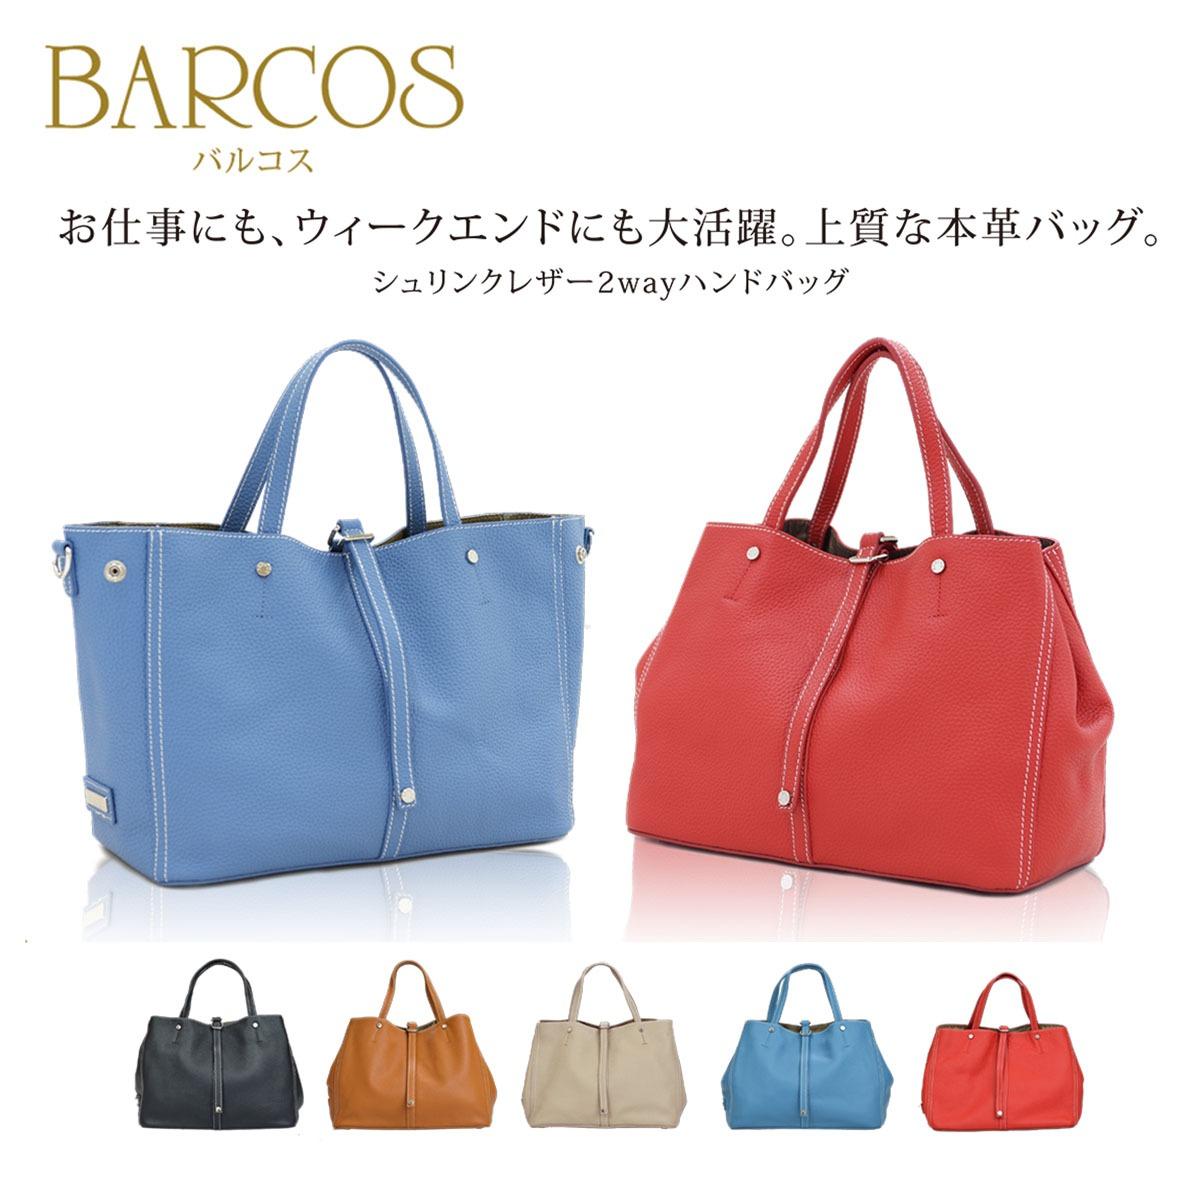 【送料無料】 ハンドバッグ 本革 シュリンクレザー 2WAY バルコス BARCOS バッグ